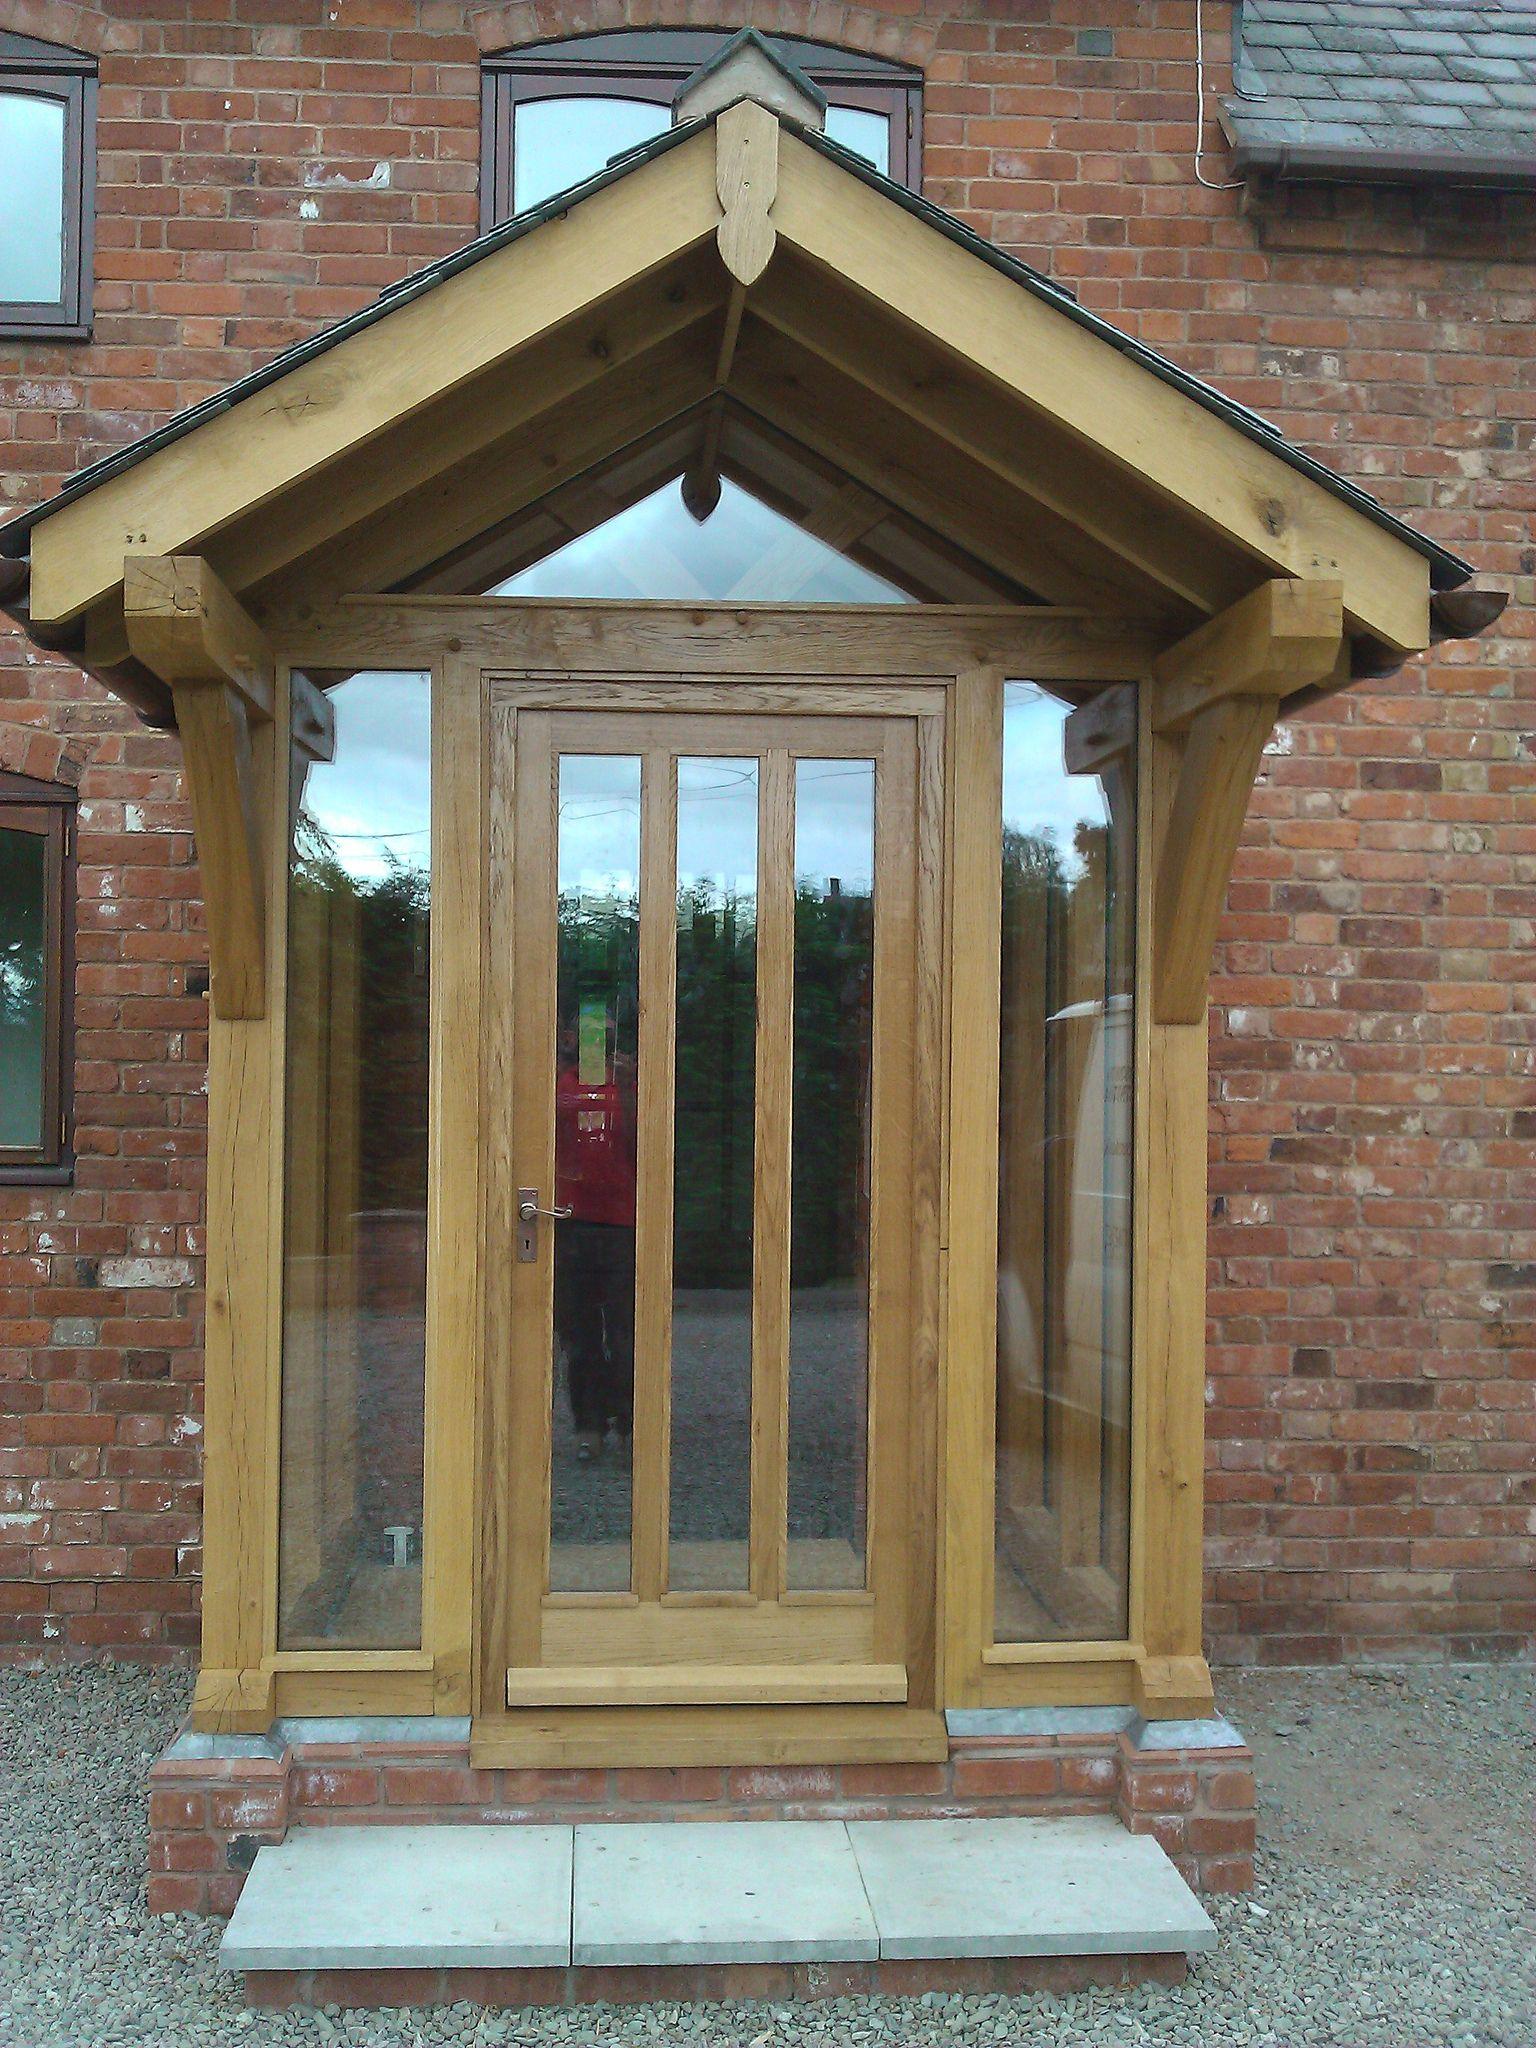 The Eyton Glazed Oak Framed Porch